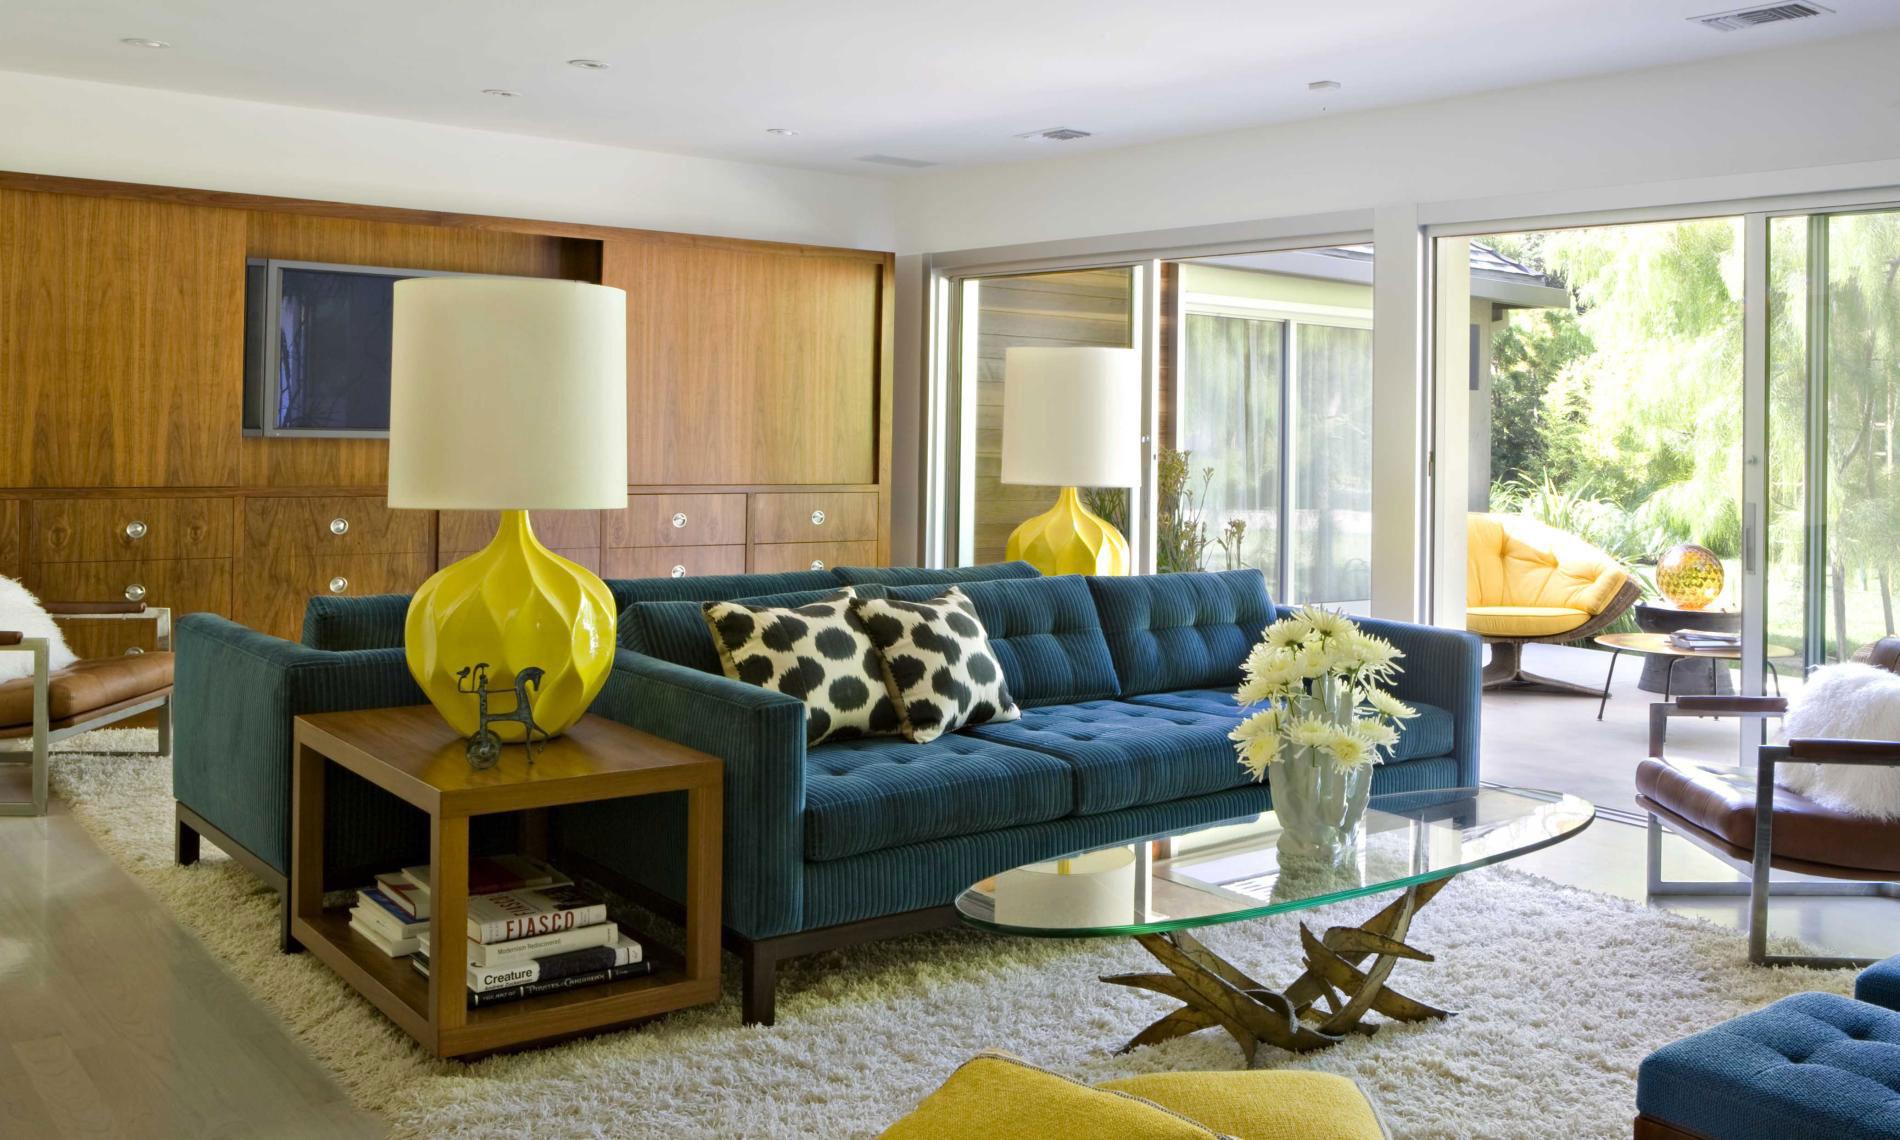 70 moderne, innovative luxus interieur ideen fürs wohnzimmer - Wohnzimmer Gelb Blau